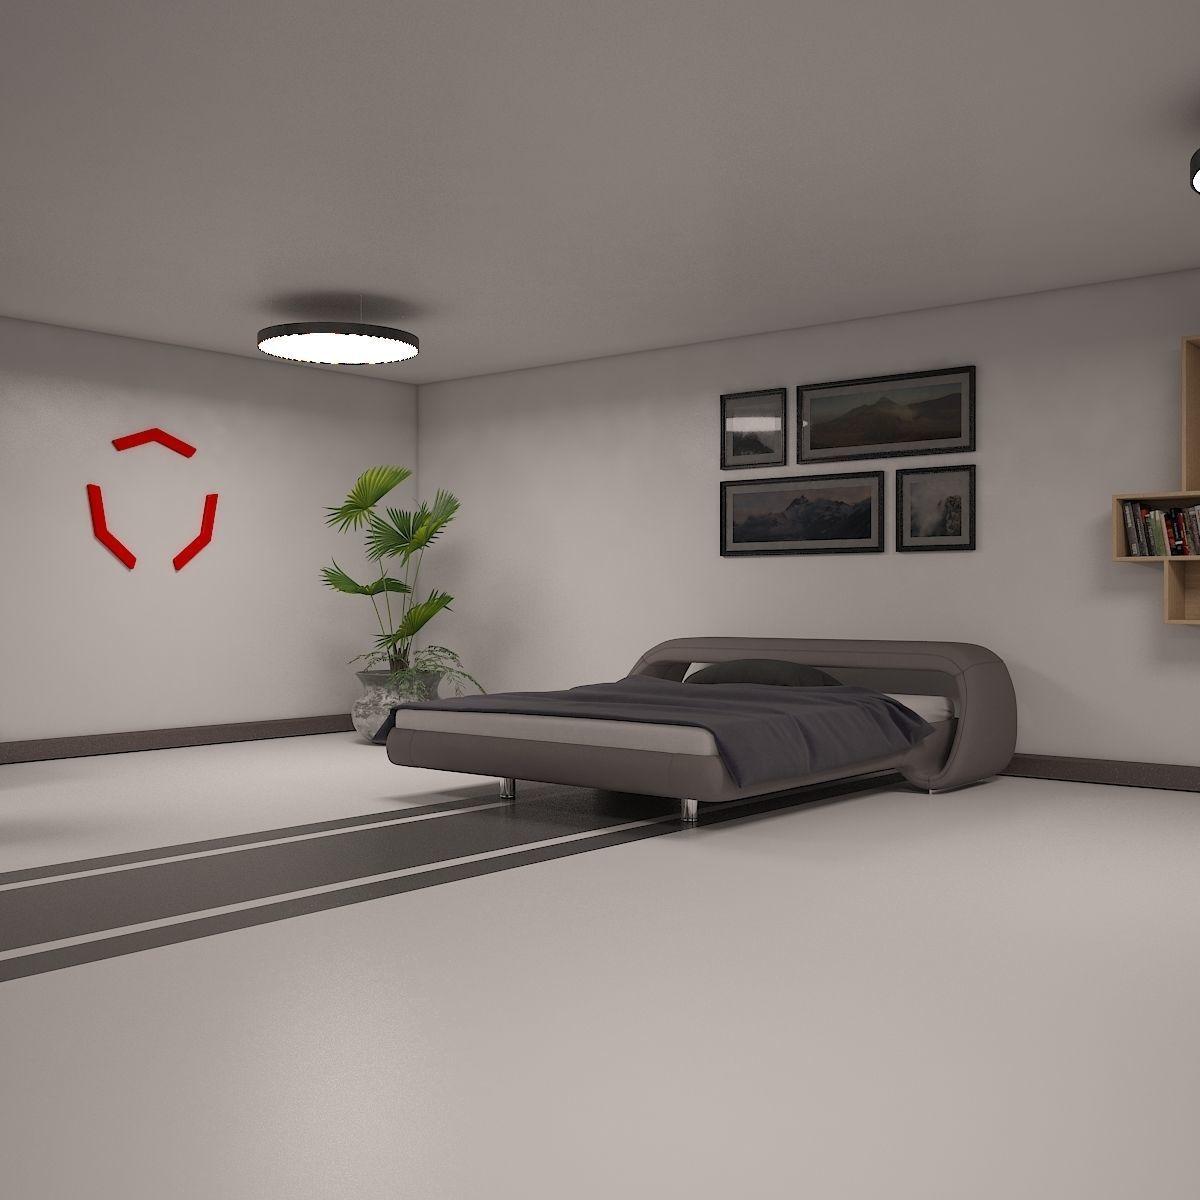 Sci Fi Bedroom 3d Model Max Obj Fbx Dwg